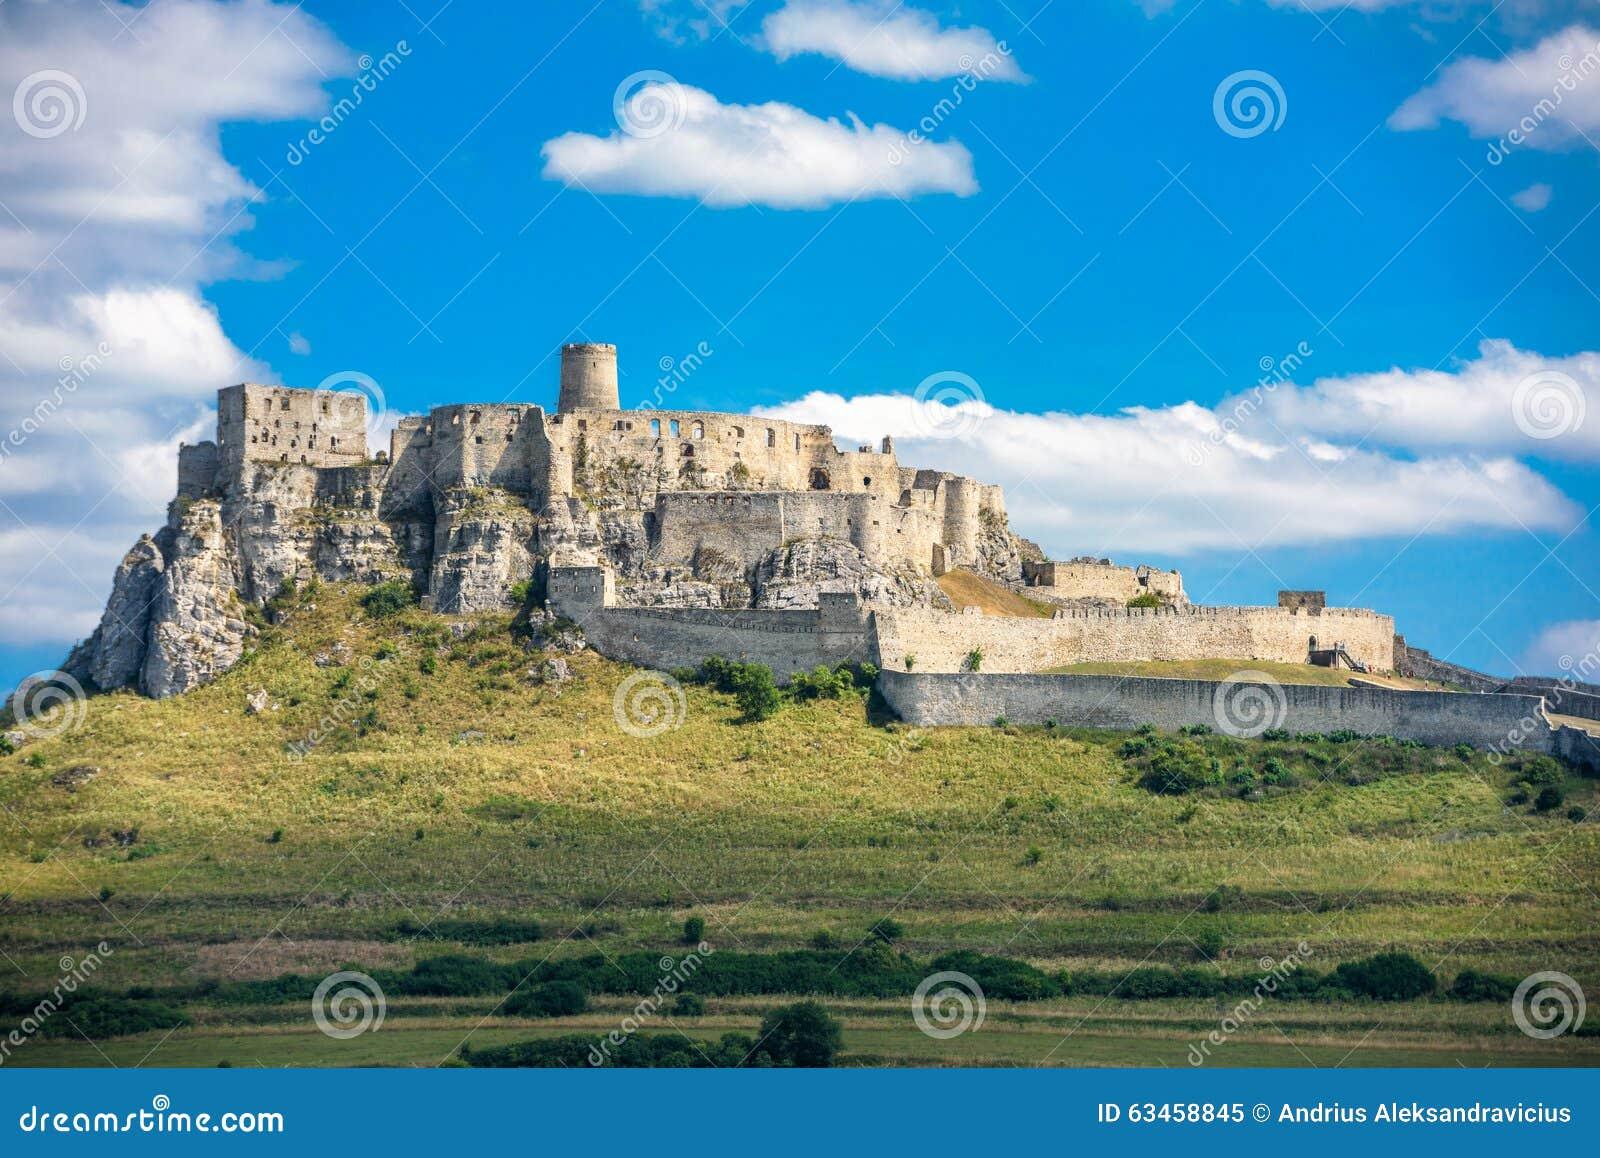 Les ruines du château de Spis, Slovaquie